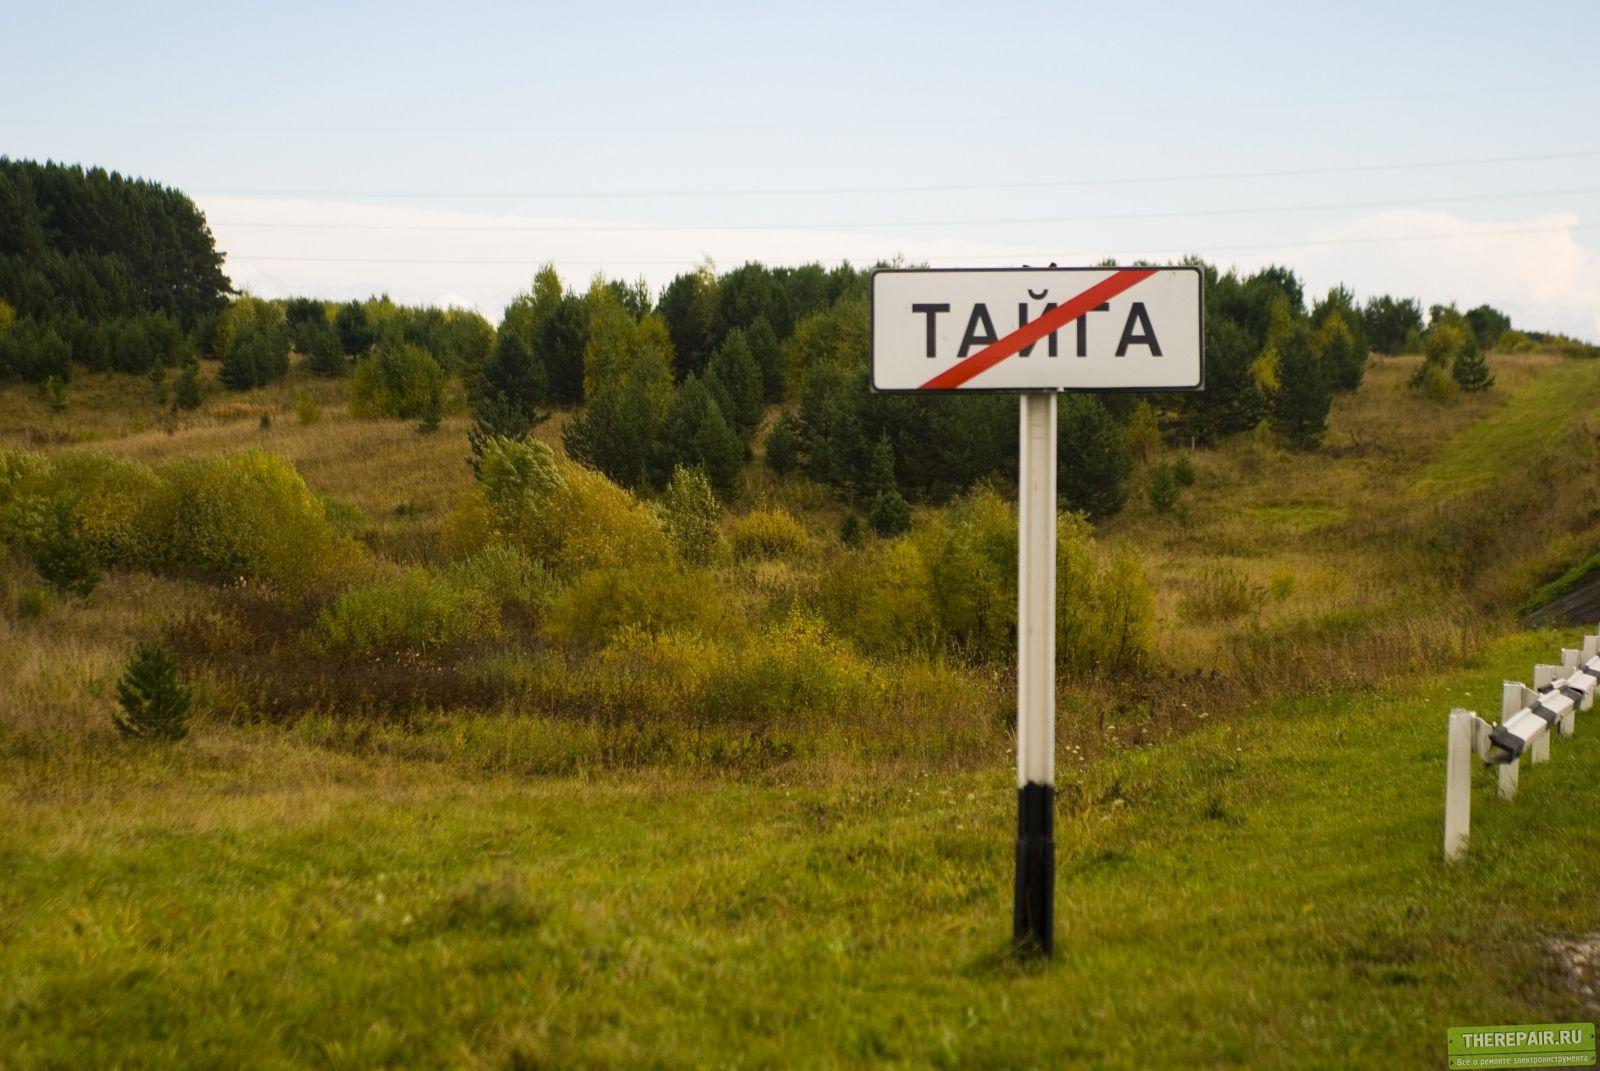 Сексрассказ командировка в тайгу читать 22 фотография